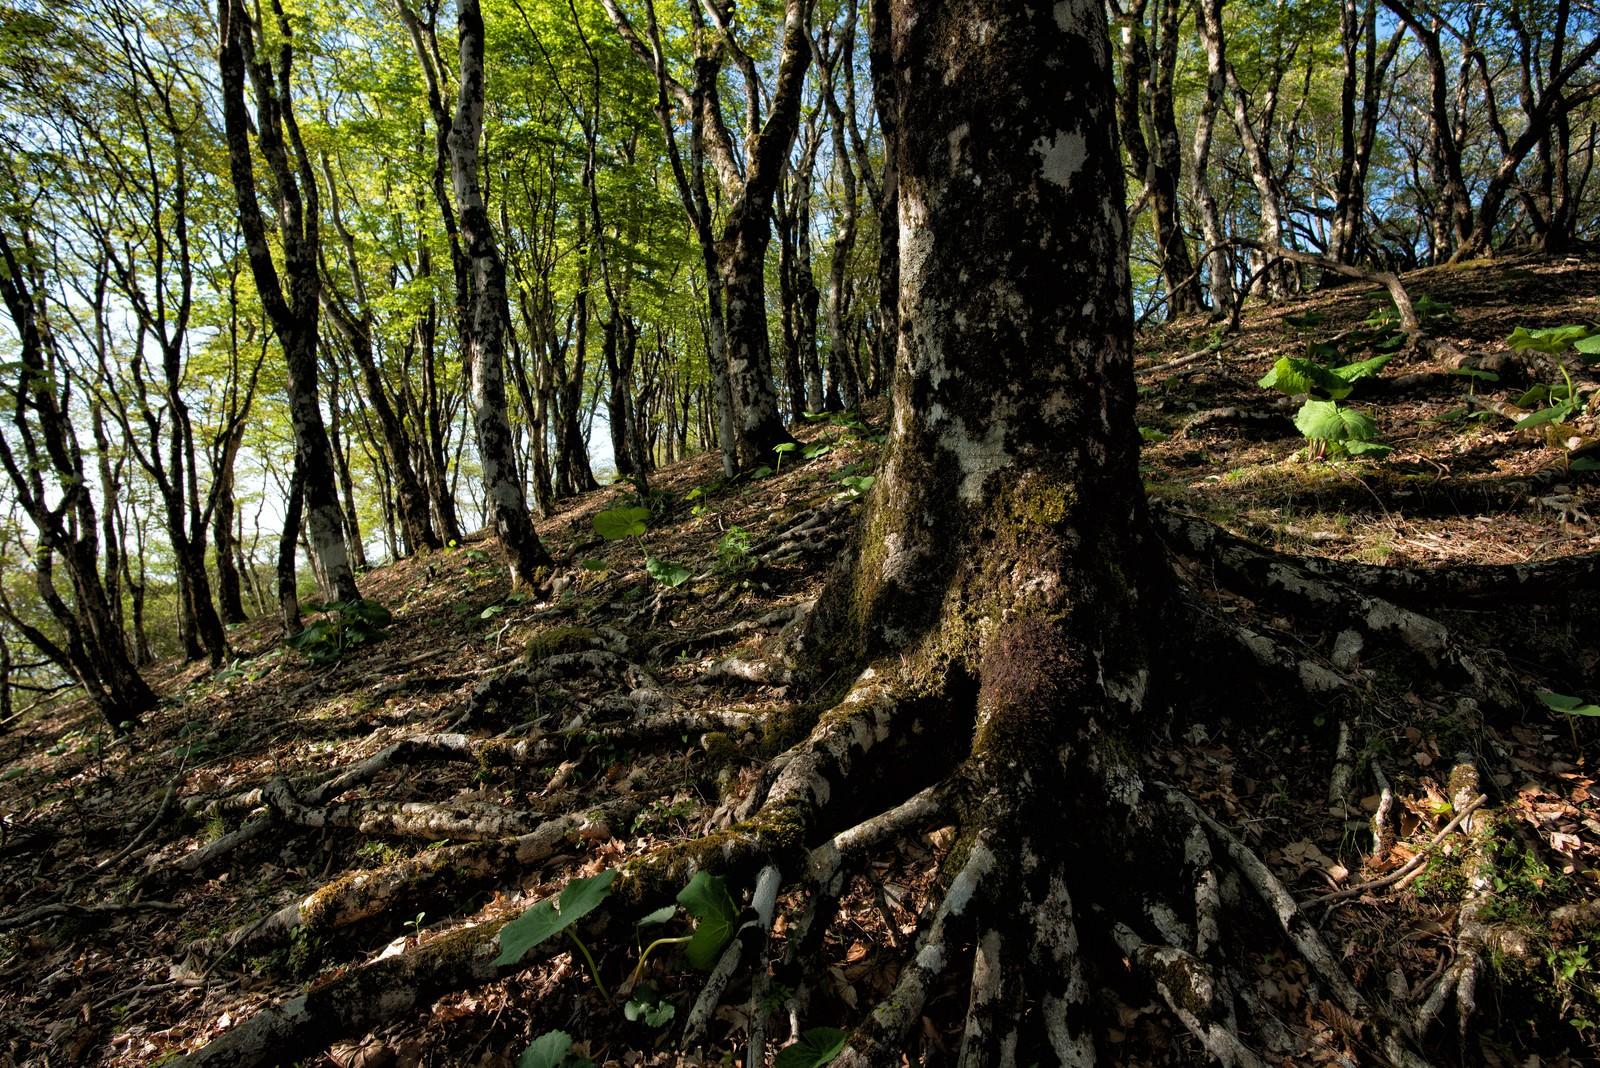 「丹沢にあるブナの森」の写真